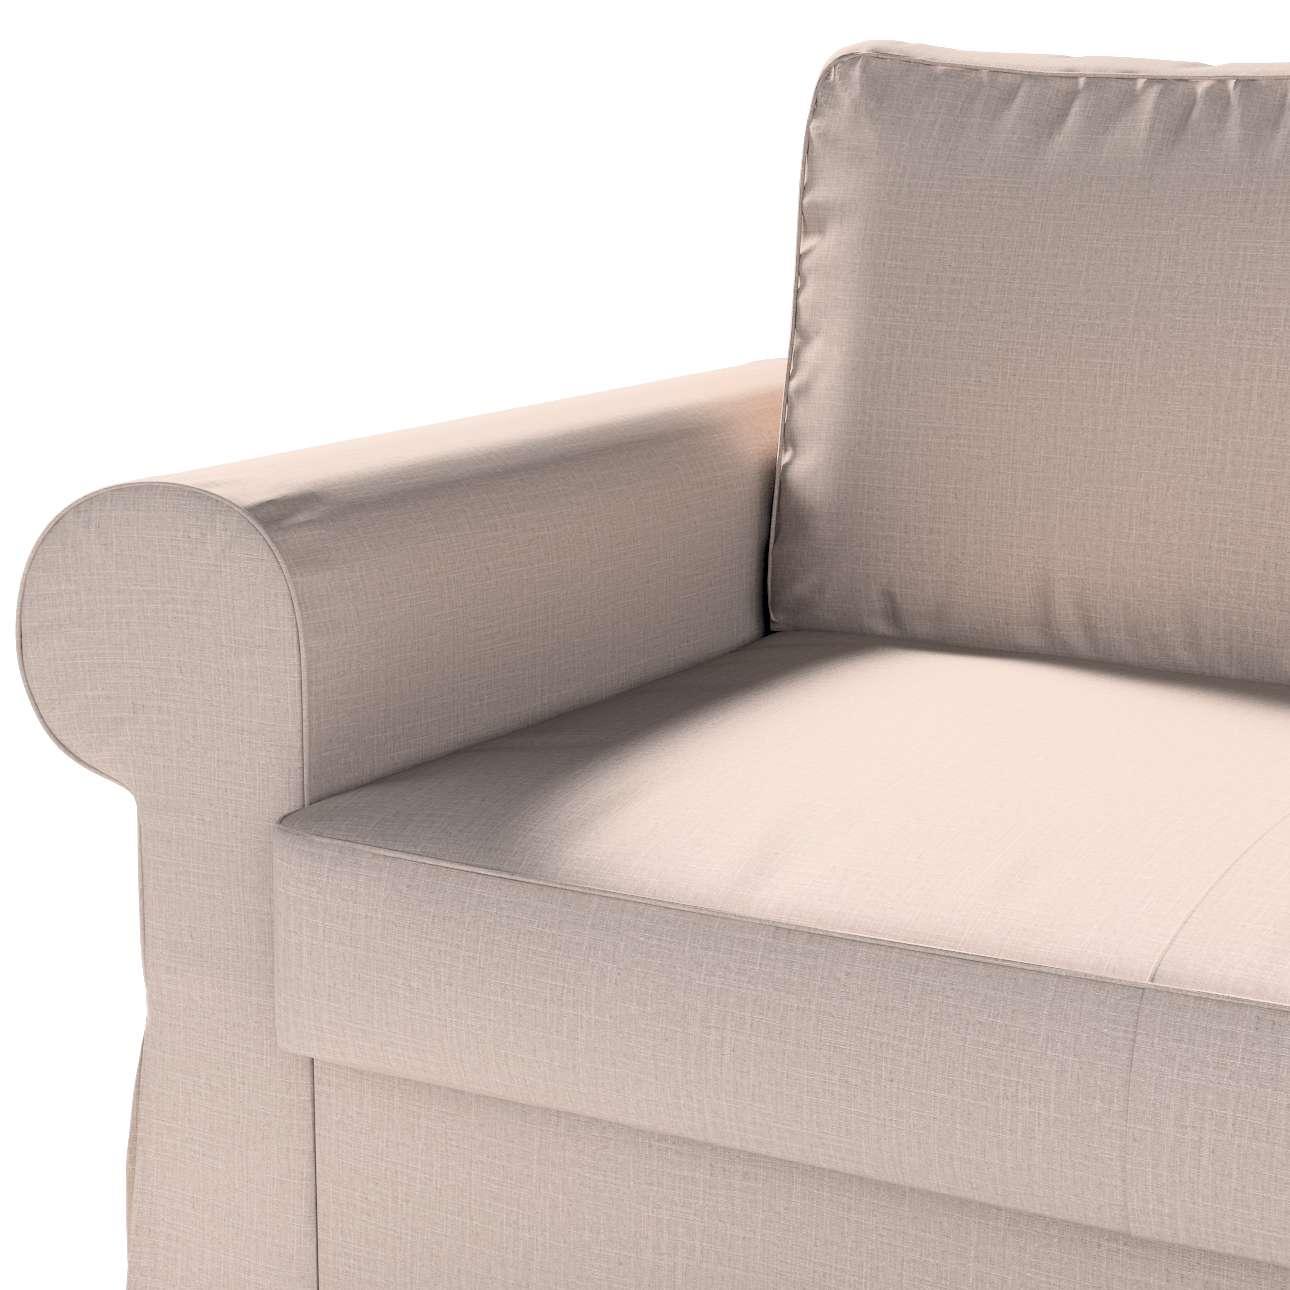 Bezug für Backabro 2-Sitzer Sofa ausklappbar von der Kollektion Living II, Stoff: 160-85